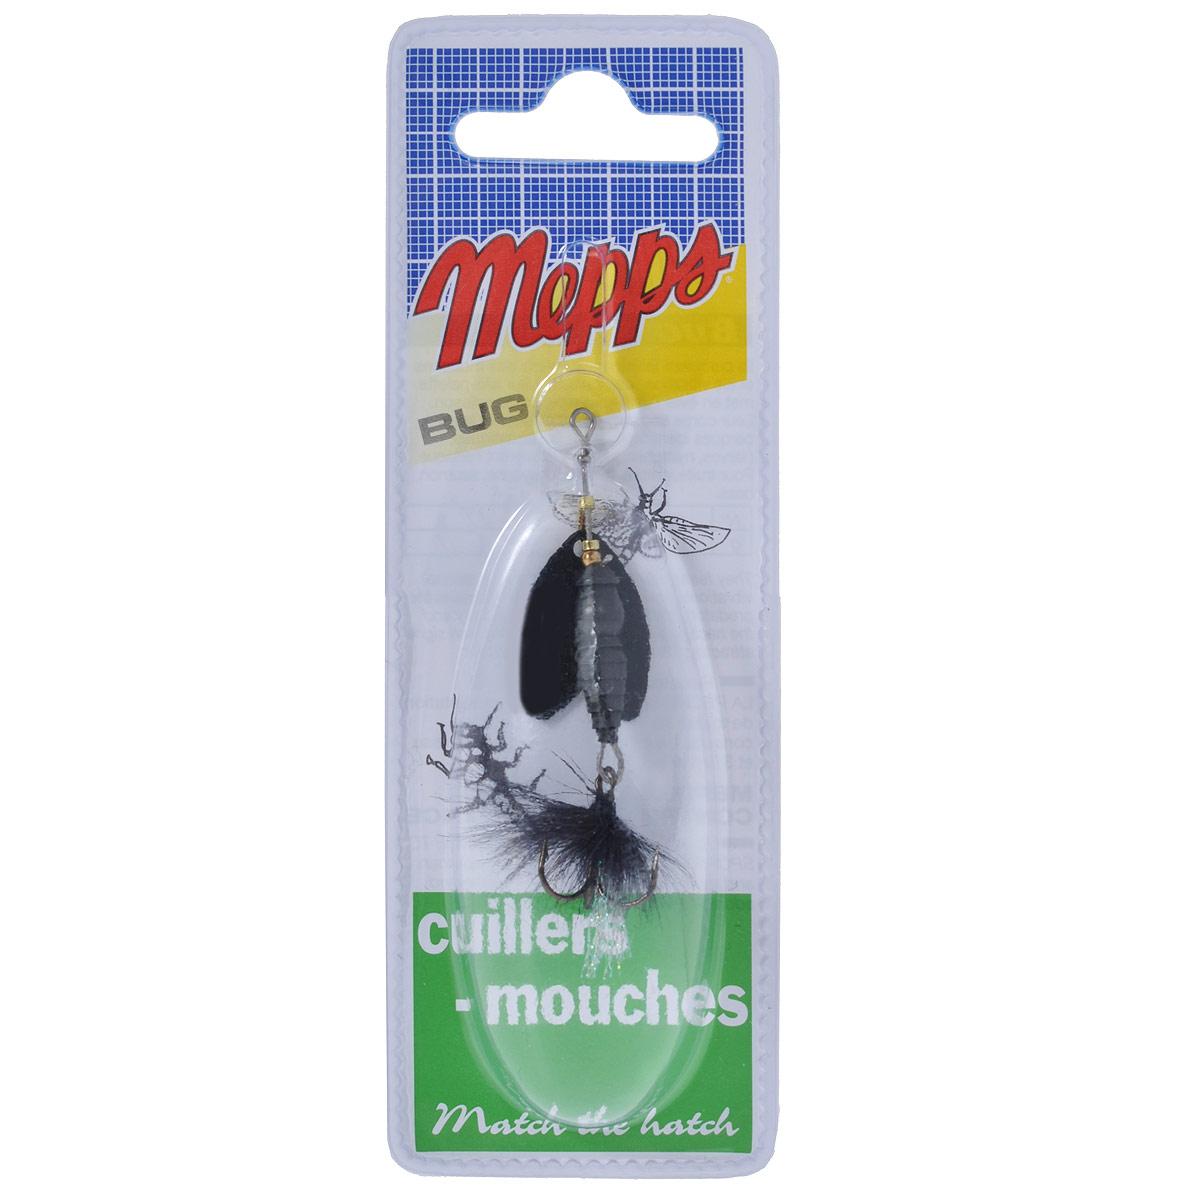 Блесна Mepps Bug Perla, вращающаяся, №15856Вращающаяся блесна Mepps Bug Perla оснащена классическим имитационным сердечником (с неподвижными отбойниками и одиночными подшипниками под дужками), напоминающим по форме личинку насекомого. Очень широкие лепестки имитируют полураскрытые крылья насекомого. При вращении раздвоенная форма лепестка не сохраняет своих очертаний. Это же относится и к вибрирующему при проводке имитационному сердечнику. Опушка тройника, насыщенная микроблестками, обеспечивает дополнительные сигналы, привлекающие хищника.